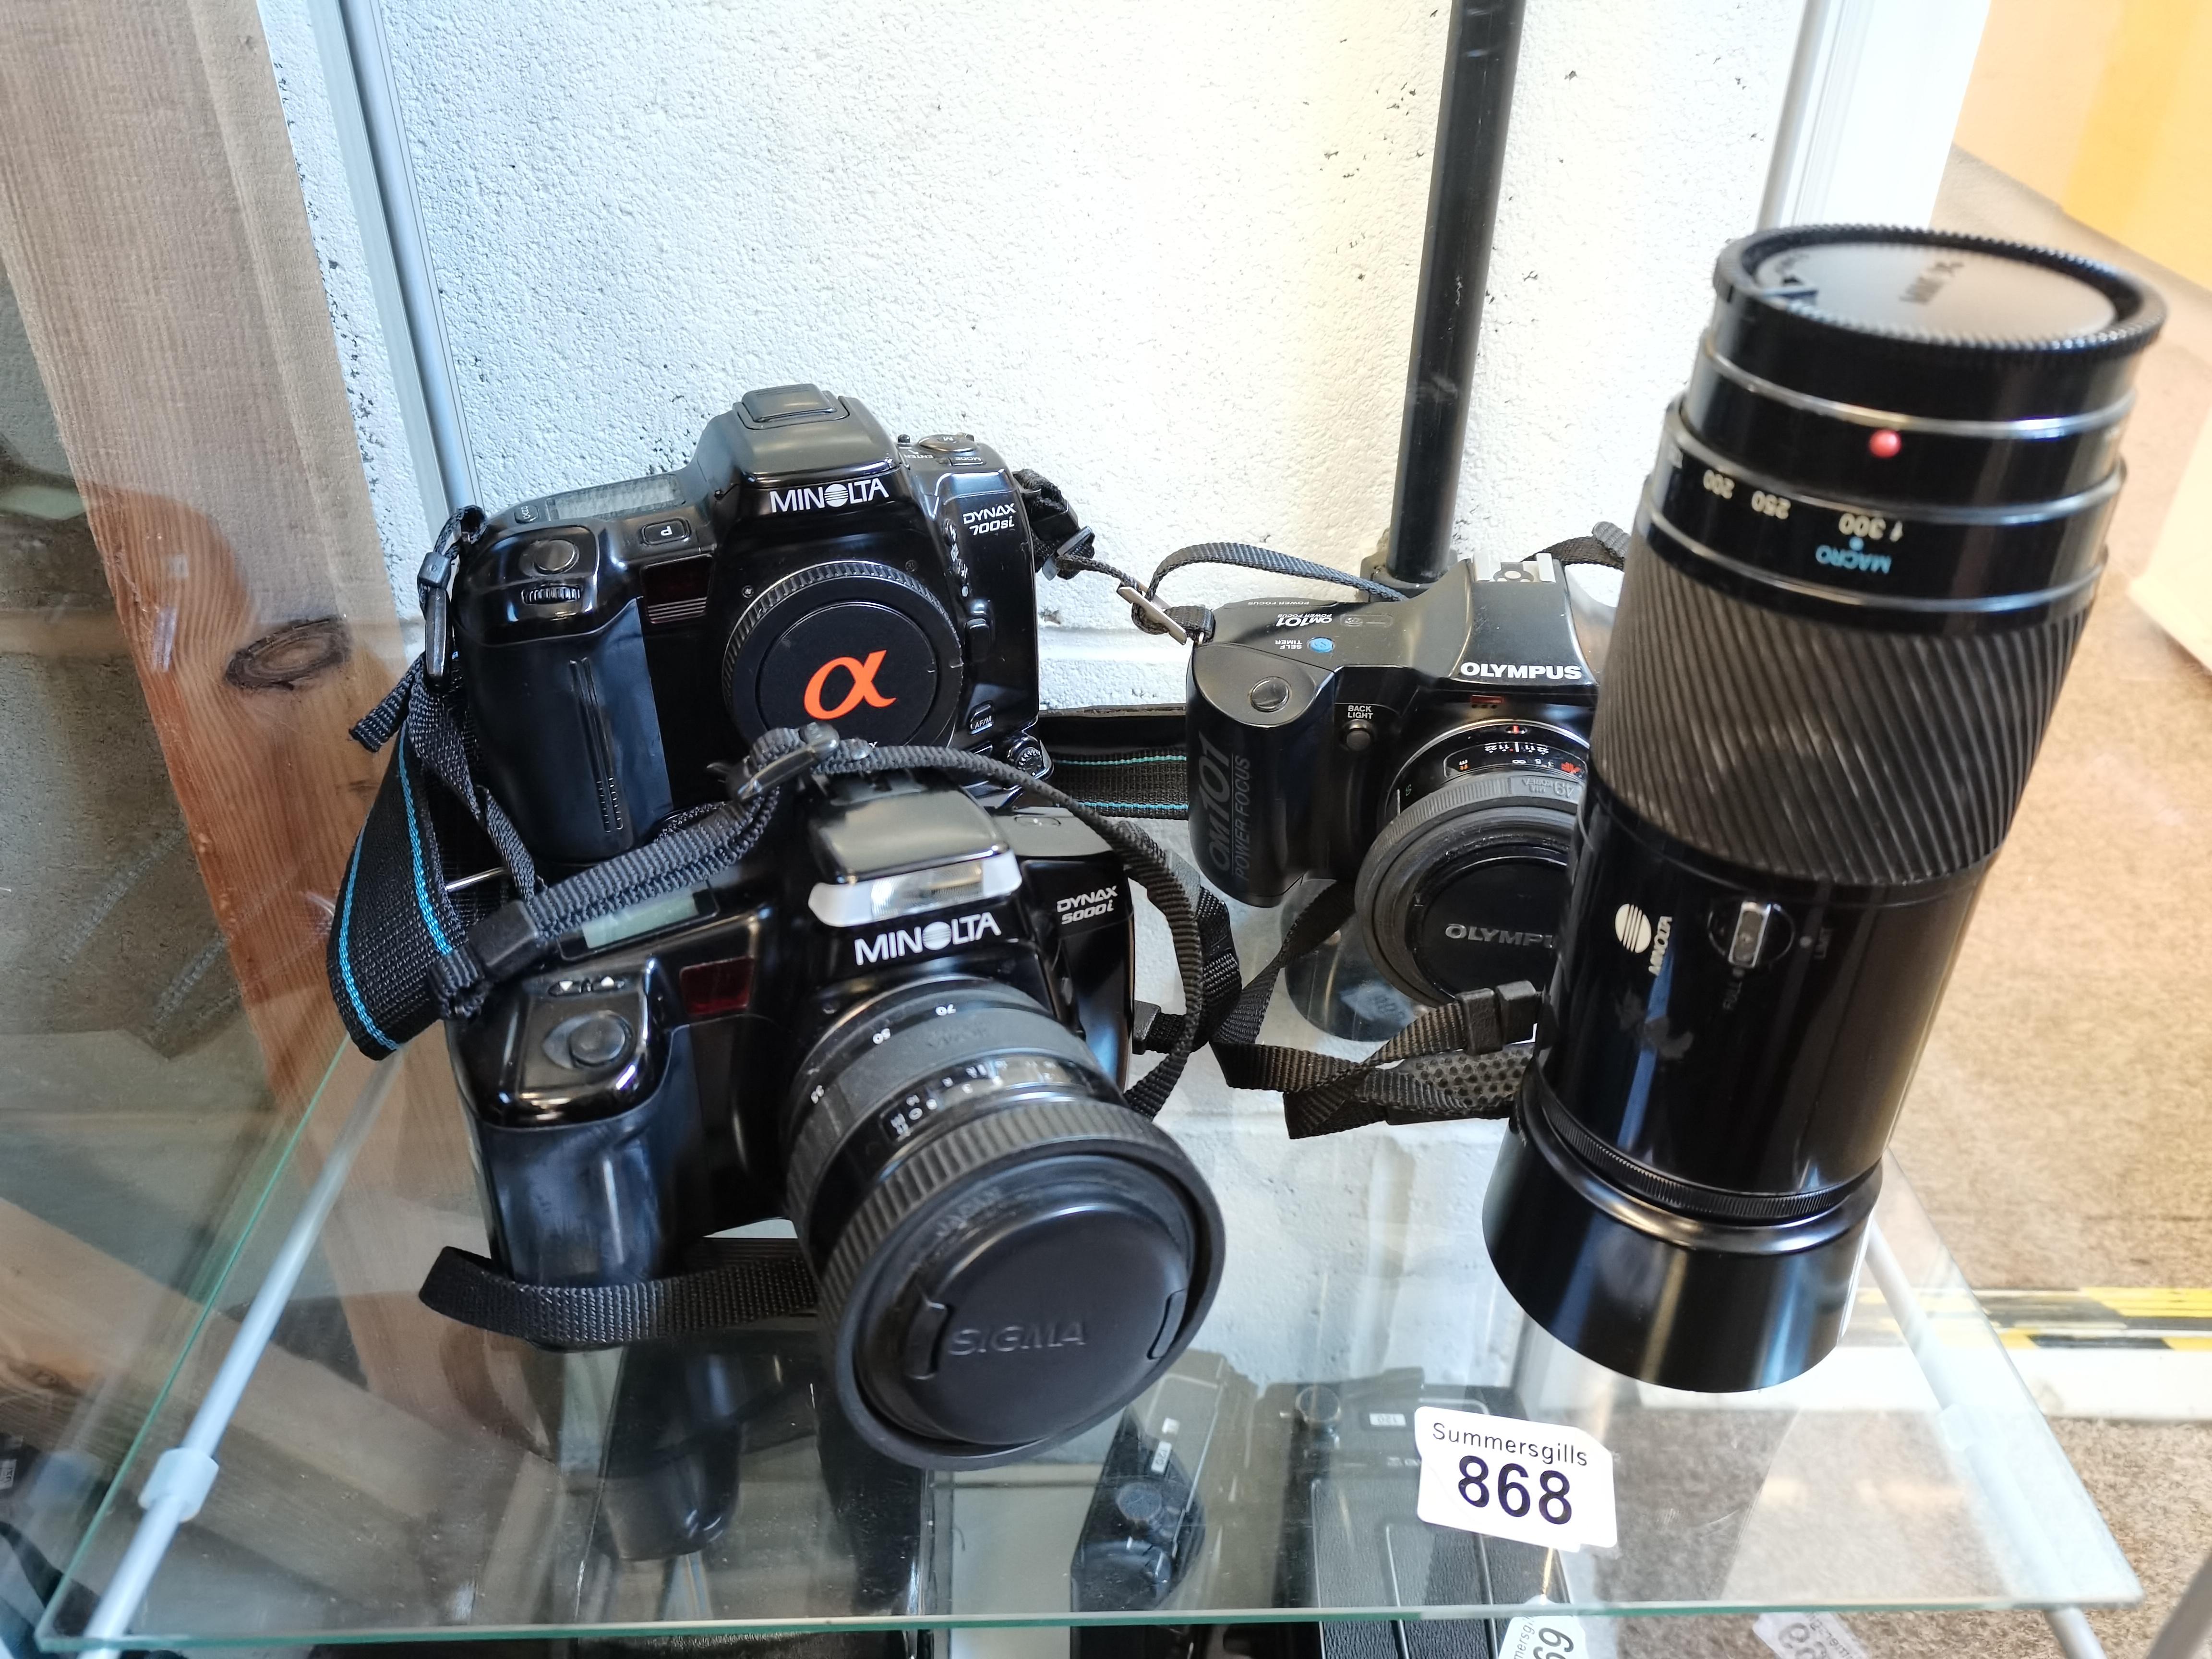 3 Camera's 2 Minolta 5000i and 700si and 1 Olympus OM101 Plus 2 Lenses a Minolta